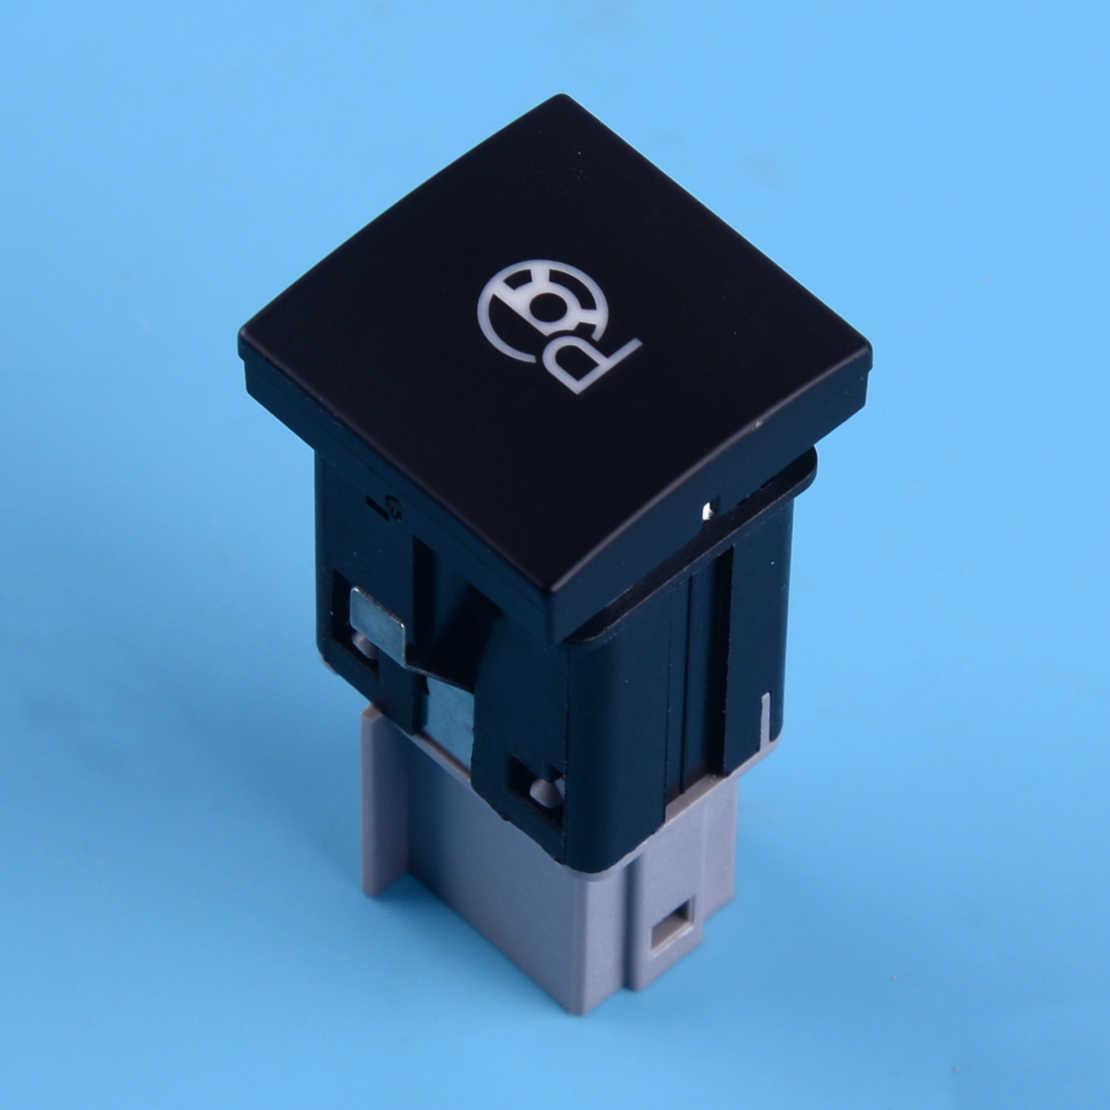 Beler черный 6 pin парктроник помощи Кнопка Переключатель управления, пригодный для Volkswagen Jetta Golf MK6 1TD927123 1K0927123B 1K0 927 123B